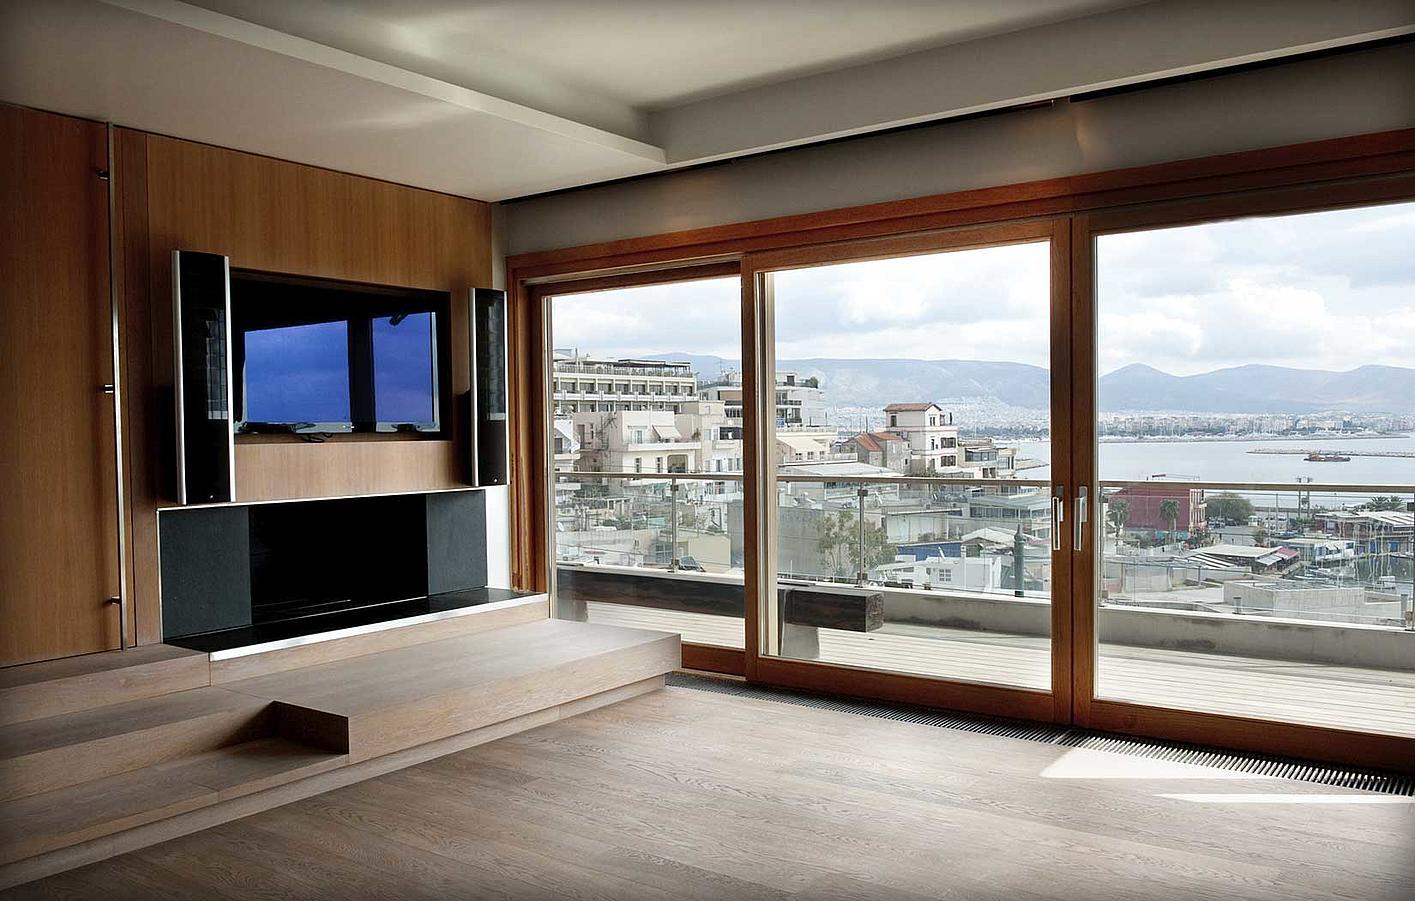 laminat boden terrasse garten t ren hohenfurch schongau peiting landsberg fenster holz fichtl. Black Bedroom Furniture Sets. Home Design Ideas